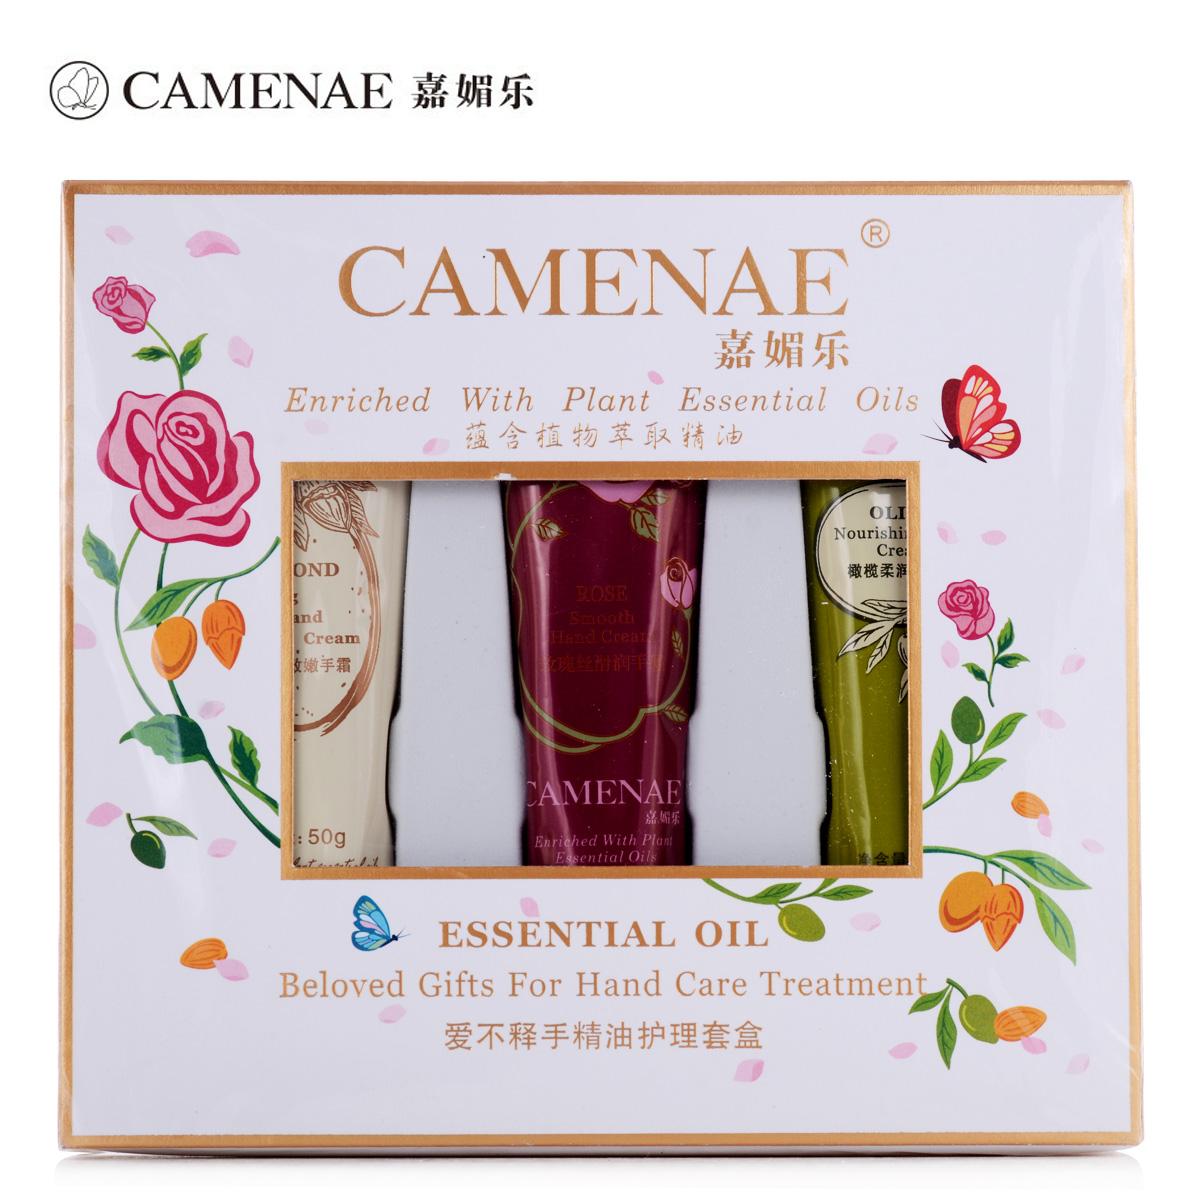 CAMENAE/�����ֻ���˪ �������ֲ����ͻ�����װ ��Ʒר������ʪ